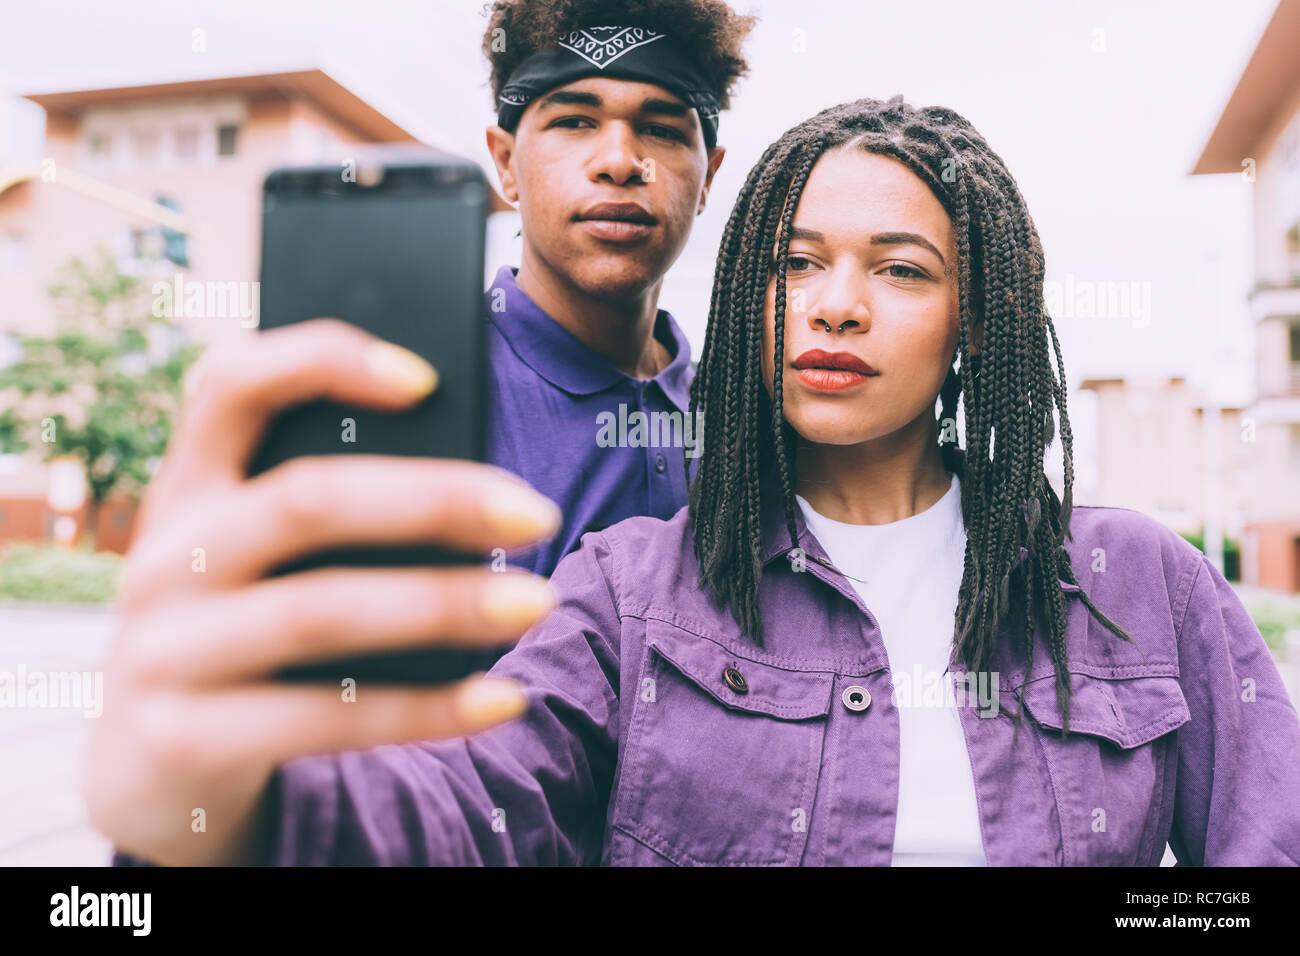 Frère et sœur en tenant selfies Banque D'Images